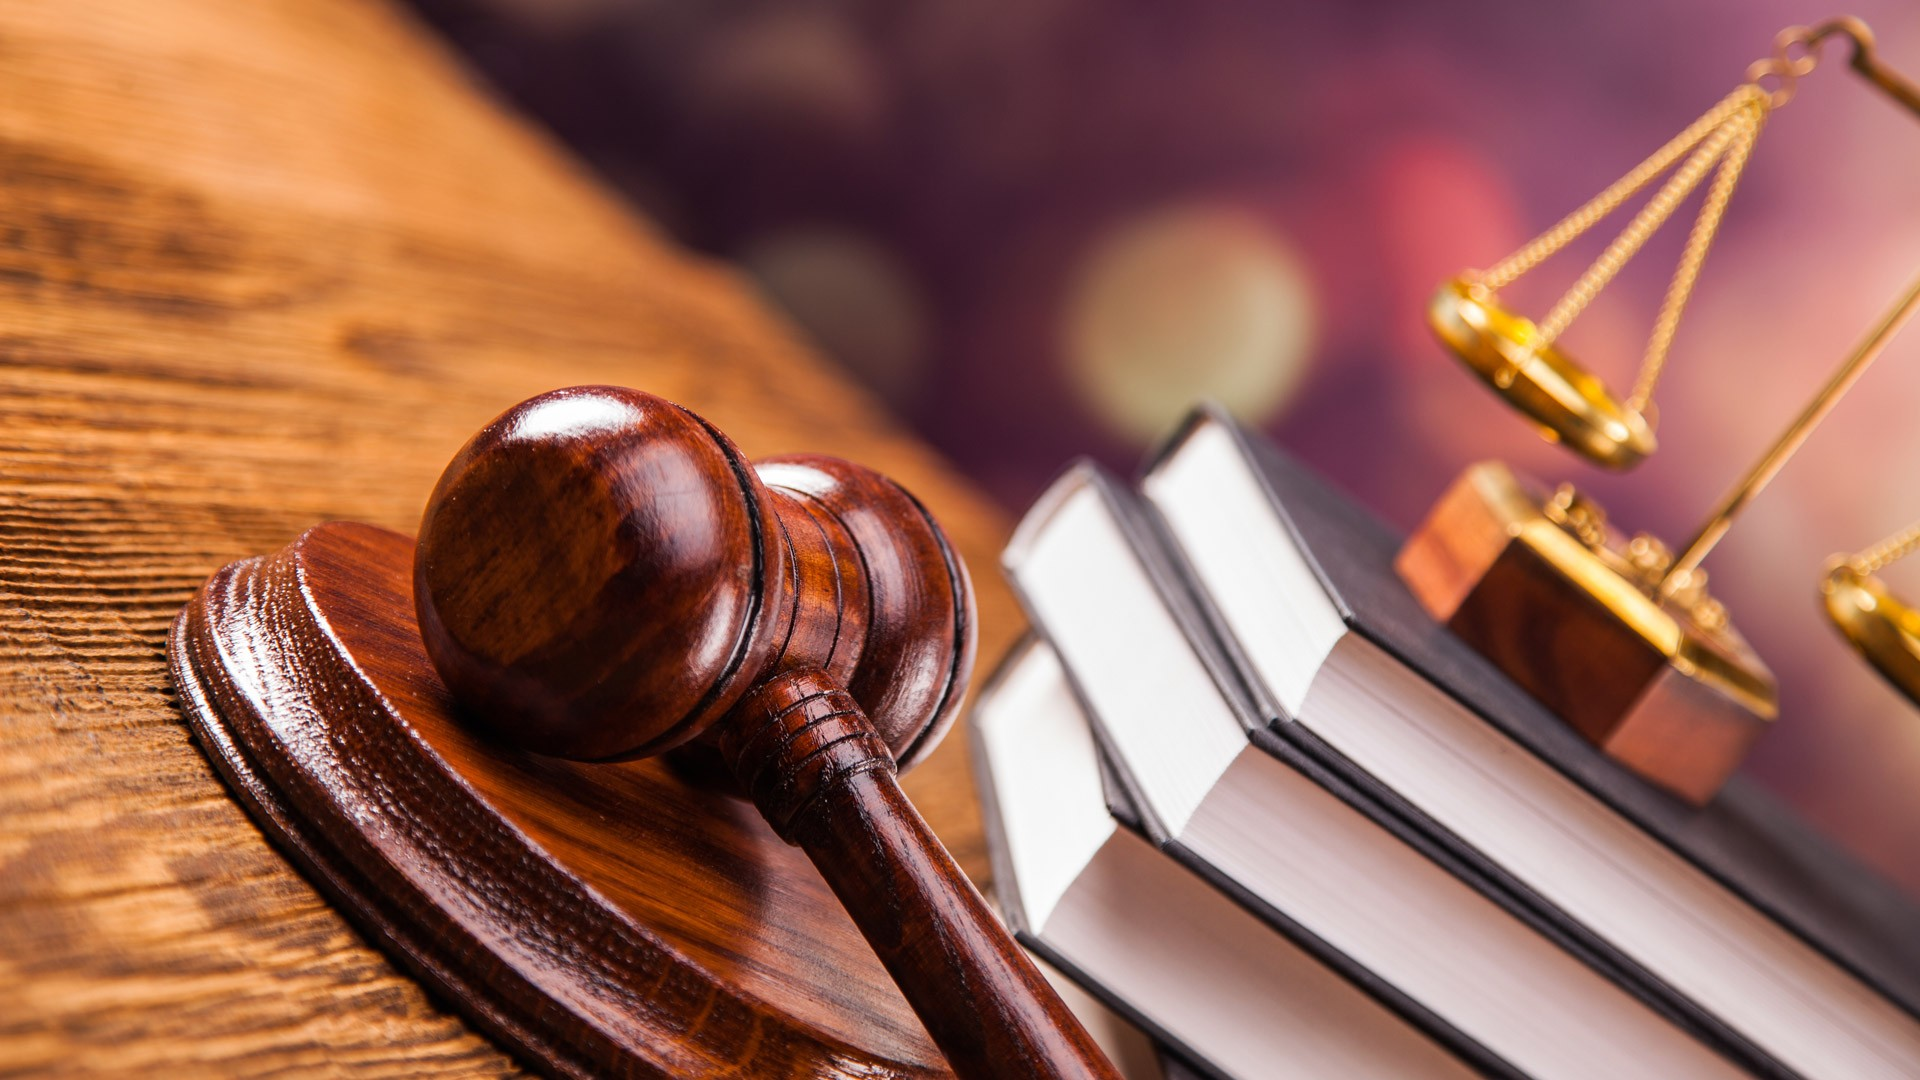 судебные дела онлайн